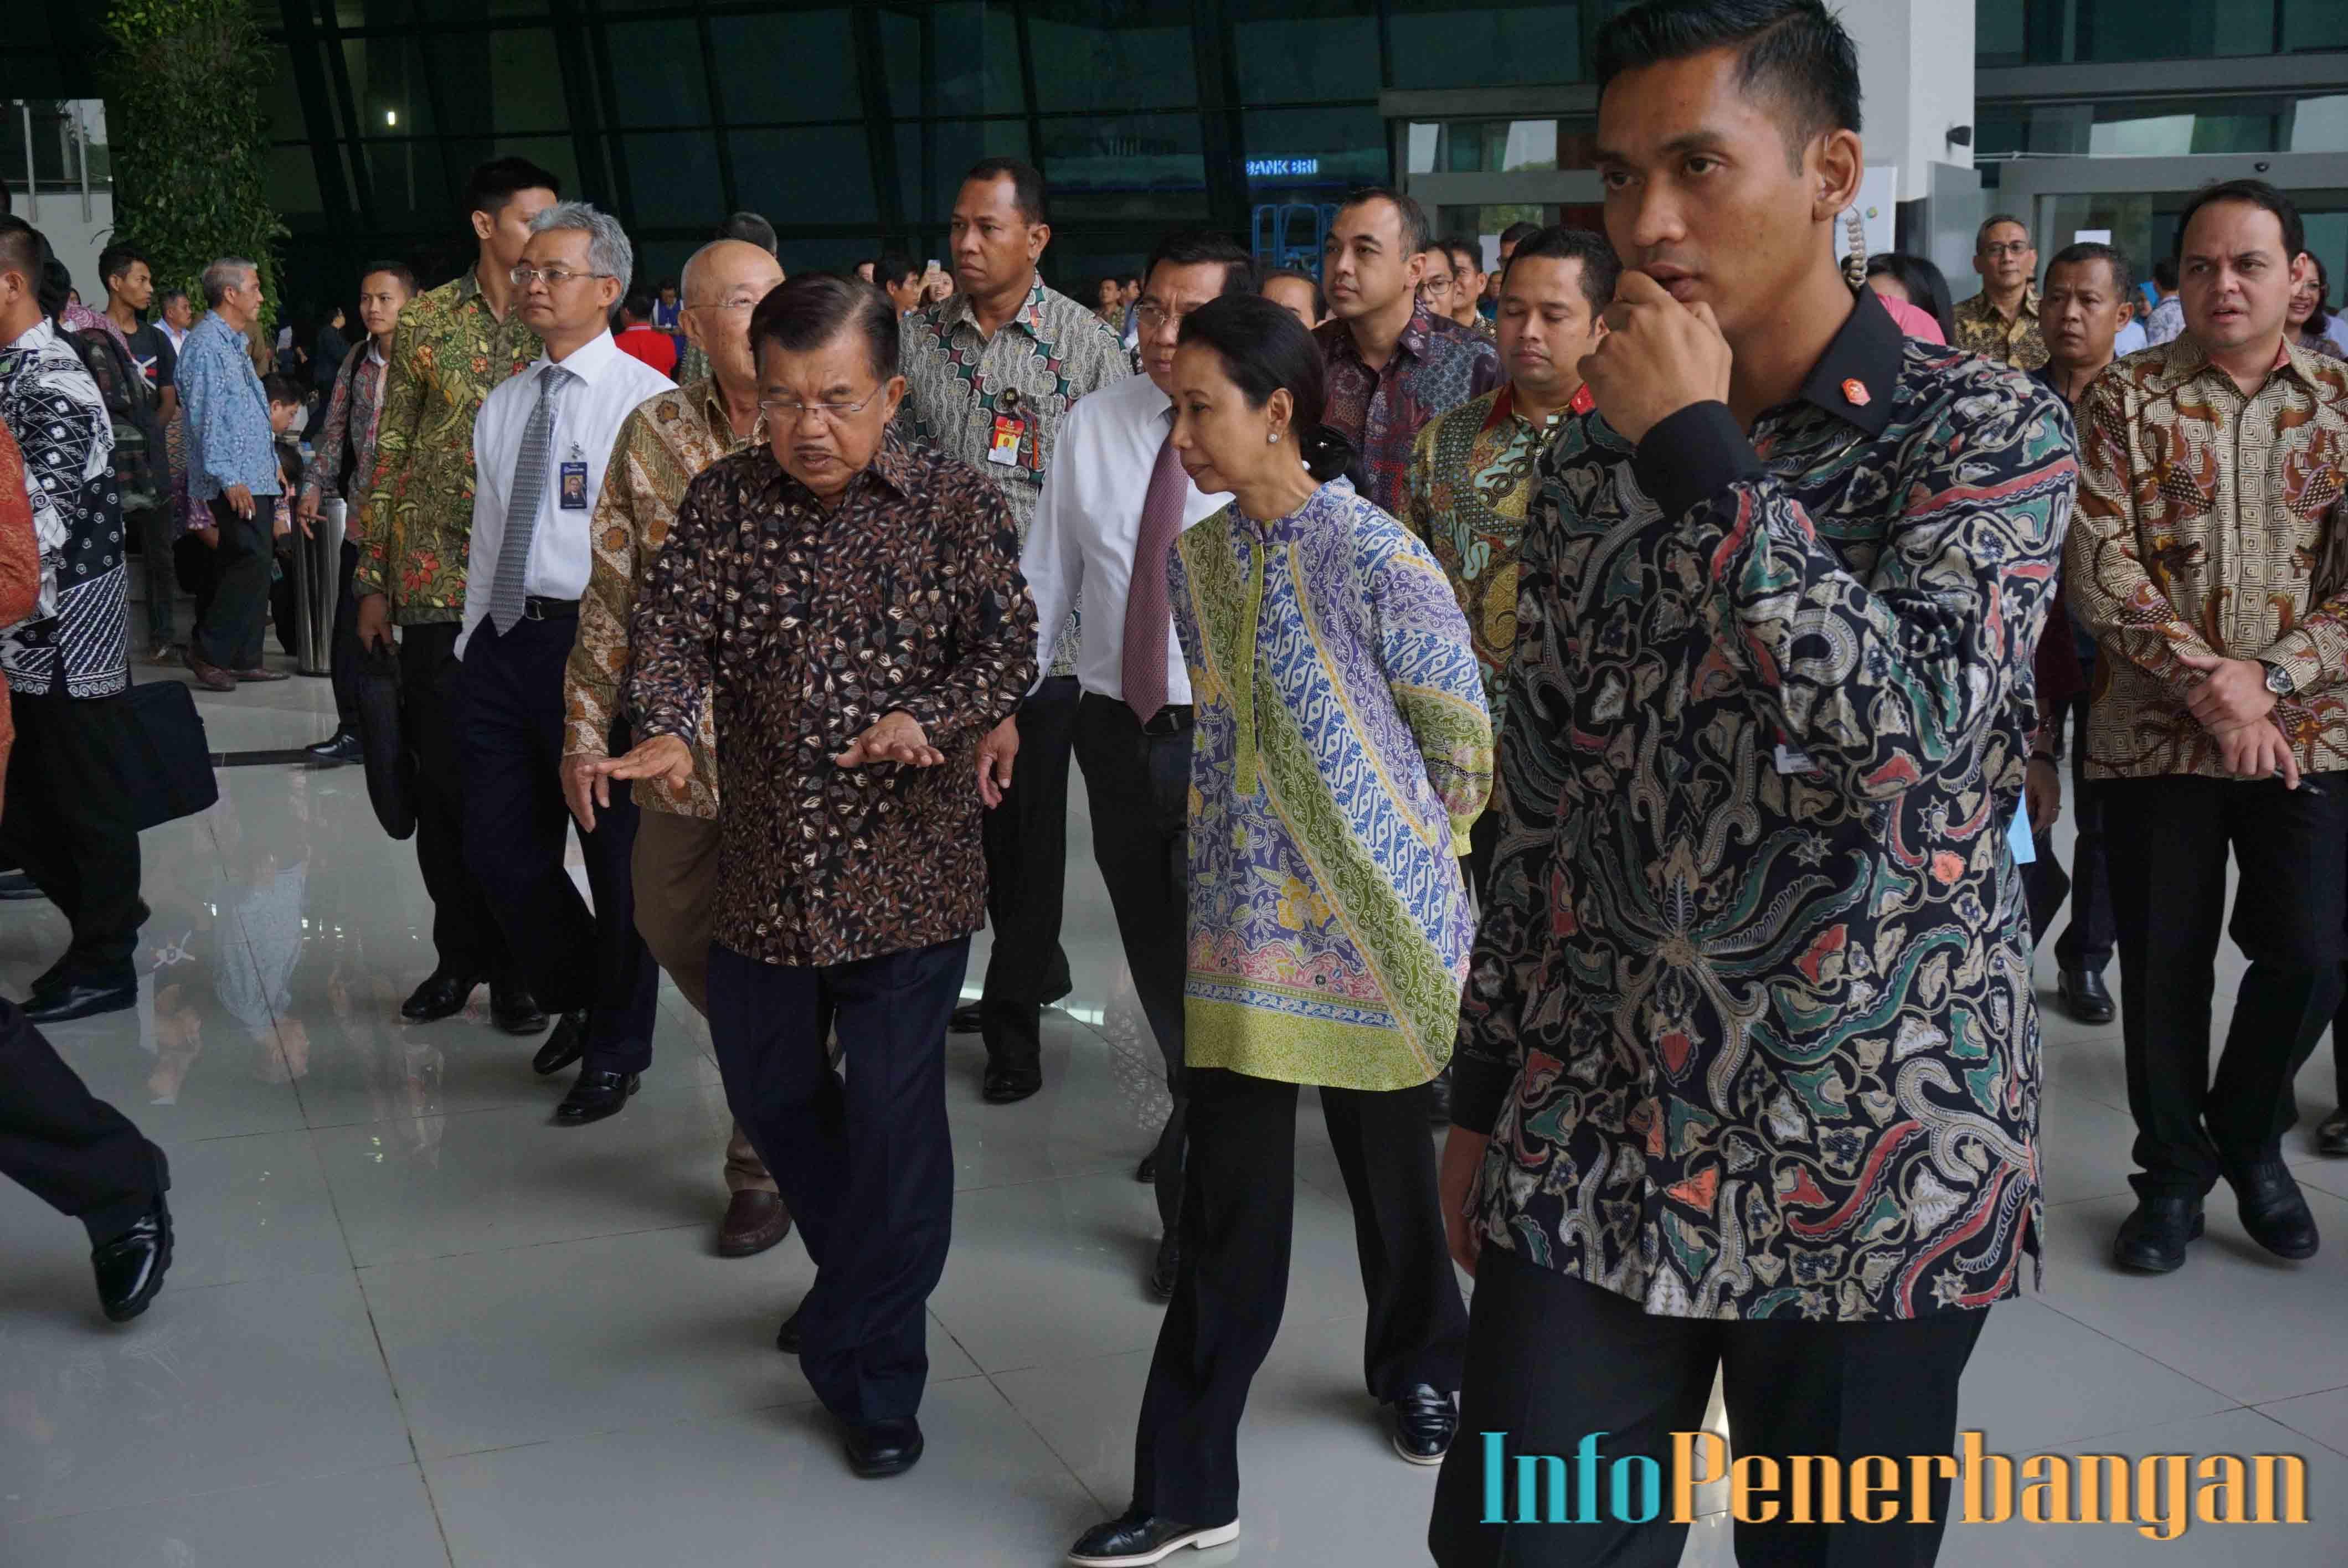 Foto Dok Infopenerbangan.com (eky)